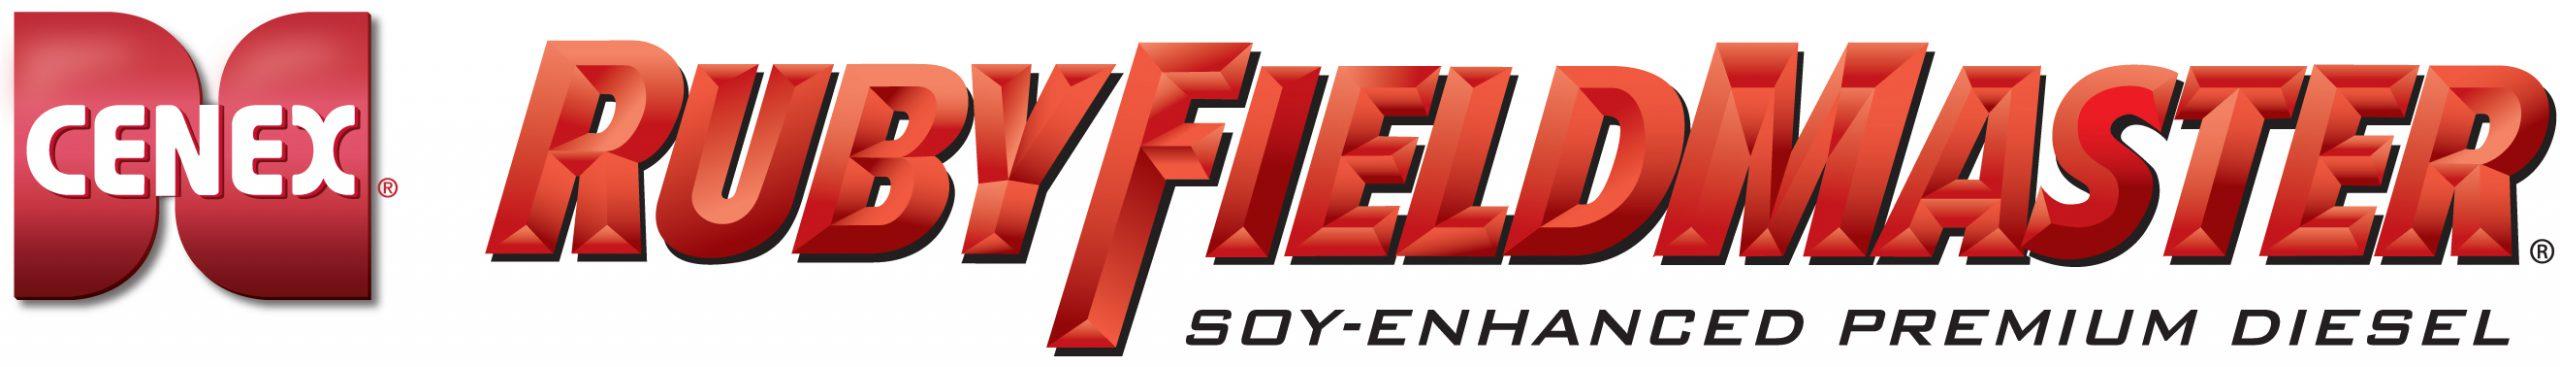 Cenex Ruby Fieldmaster